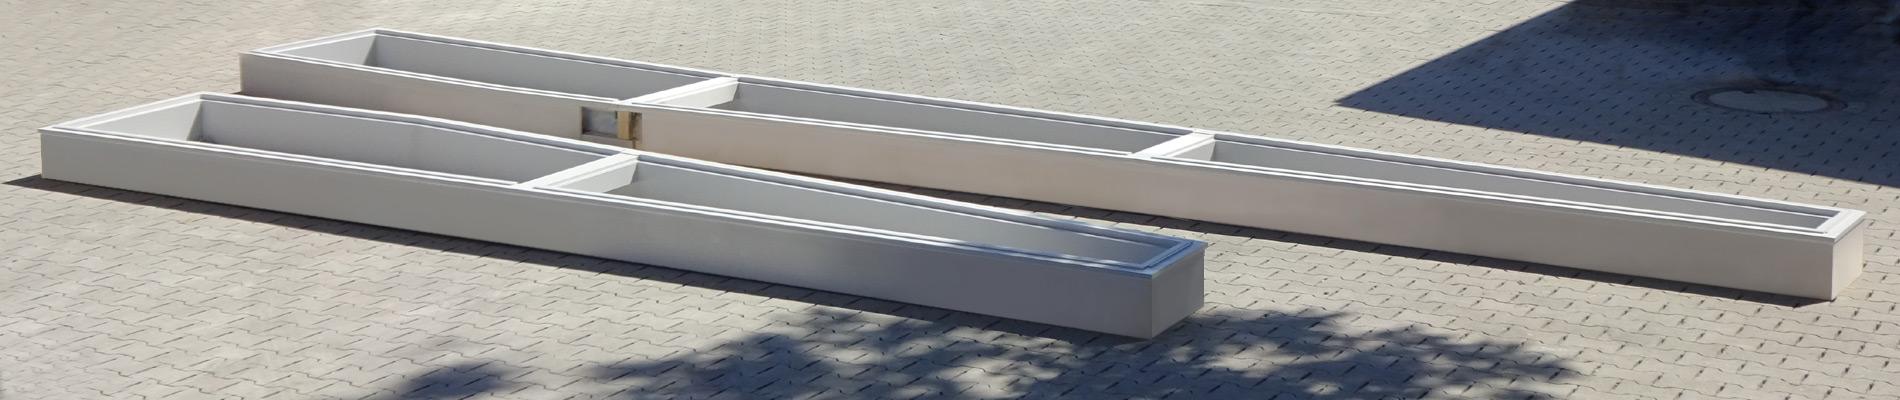 Unterkonstruktion für ein asymmetrisches Lichtband